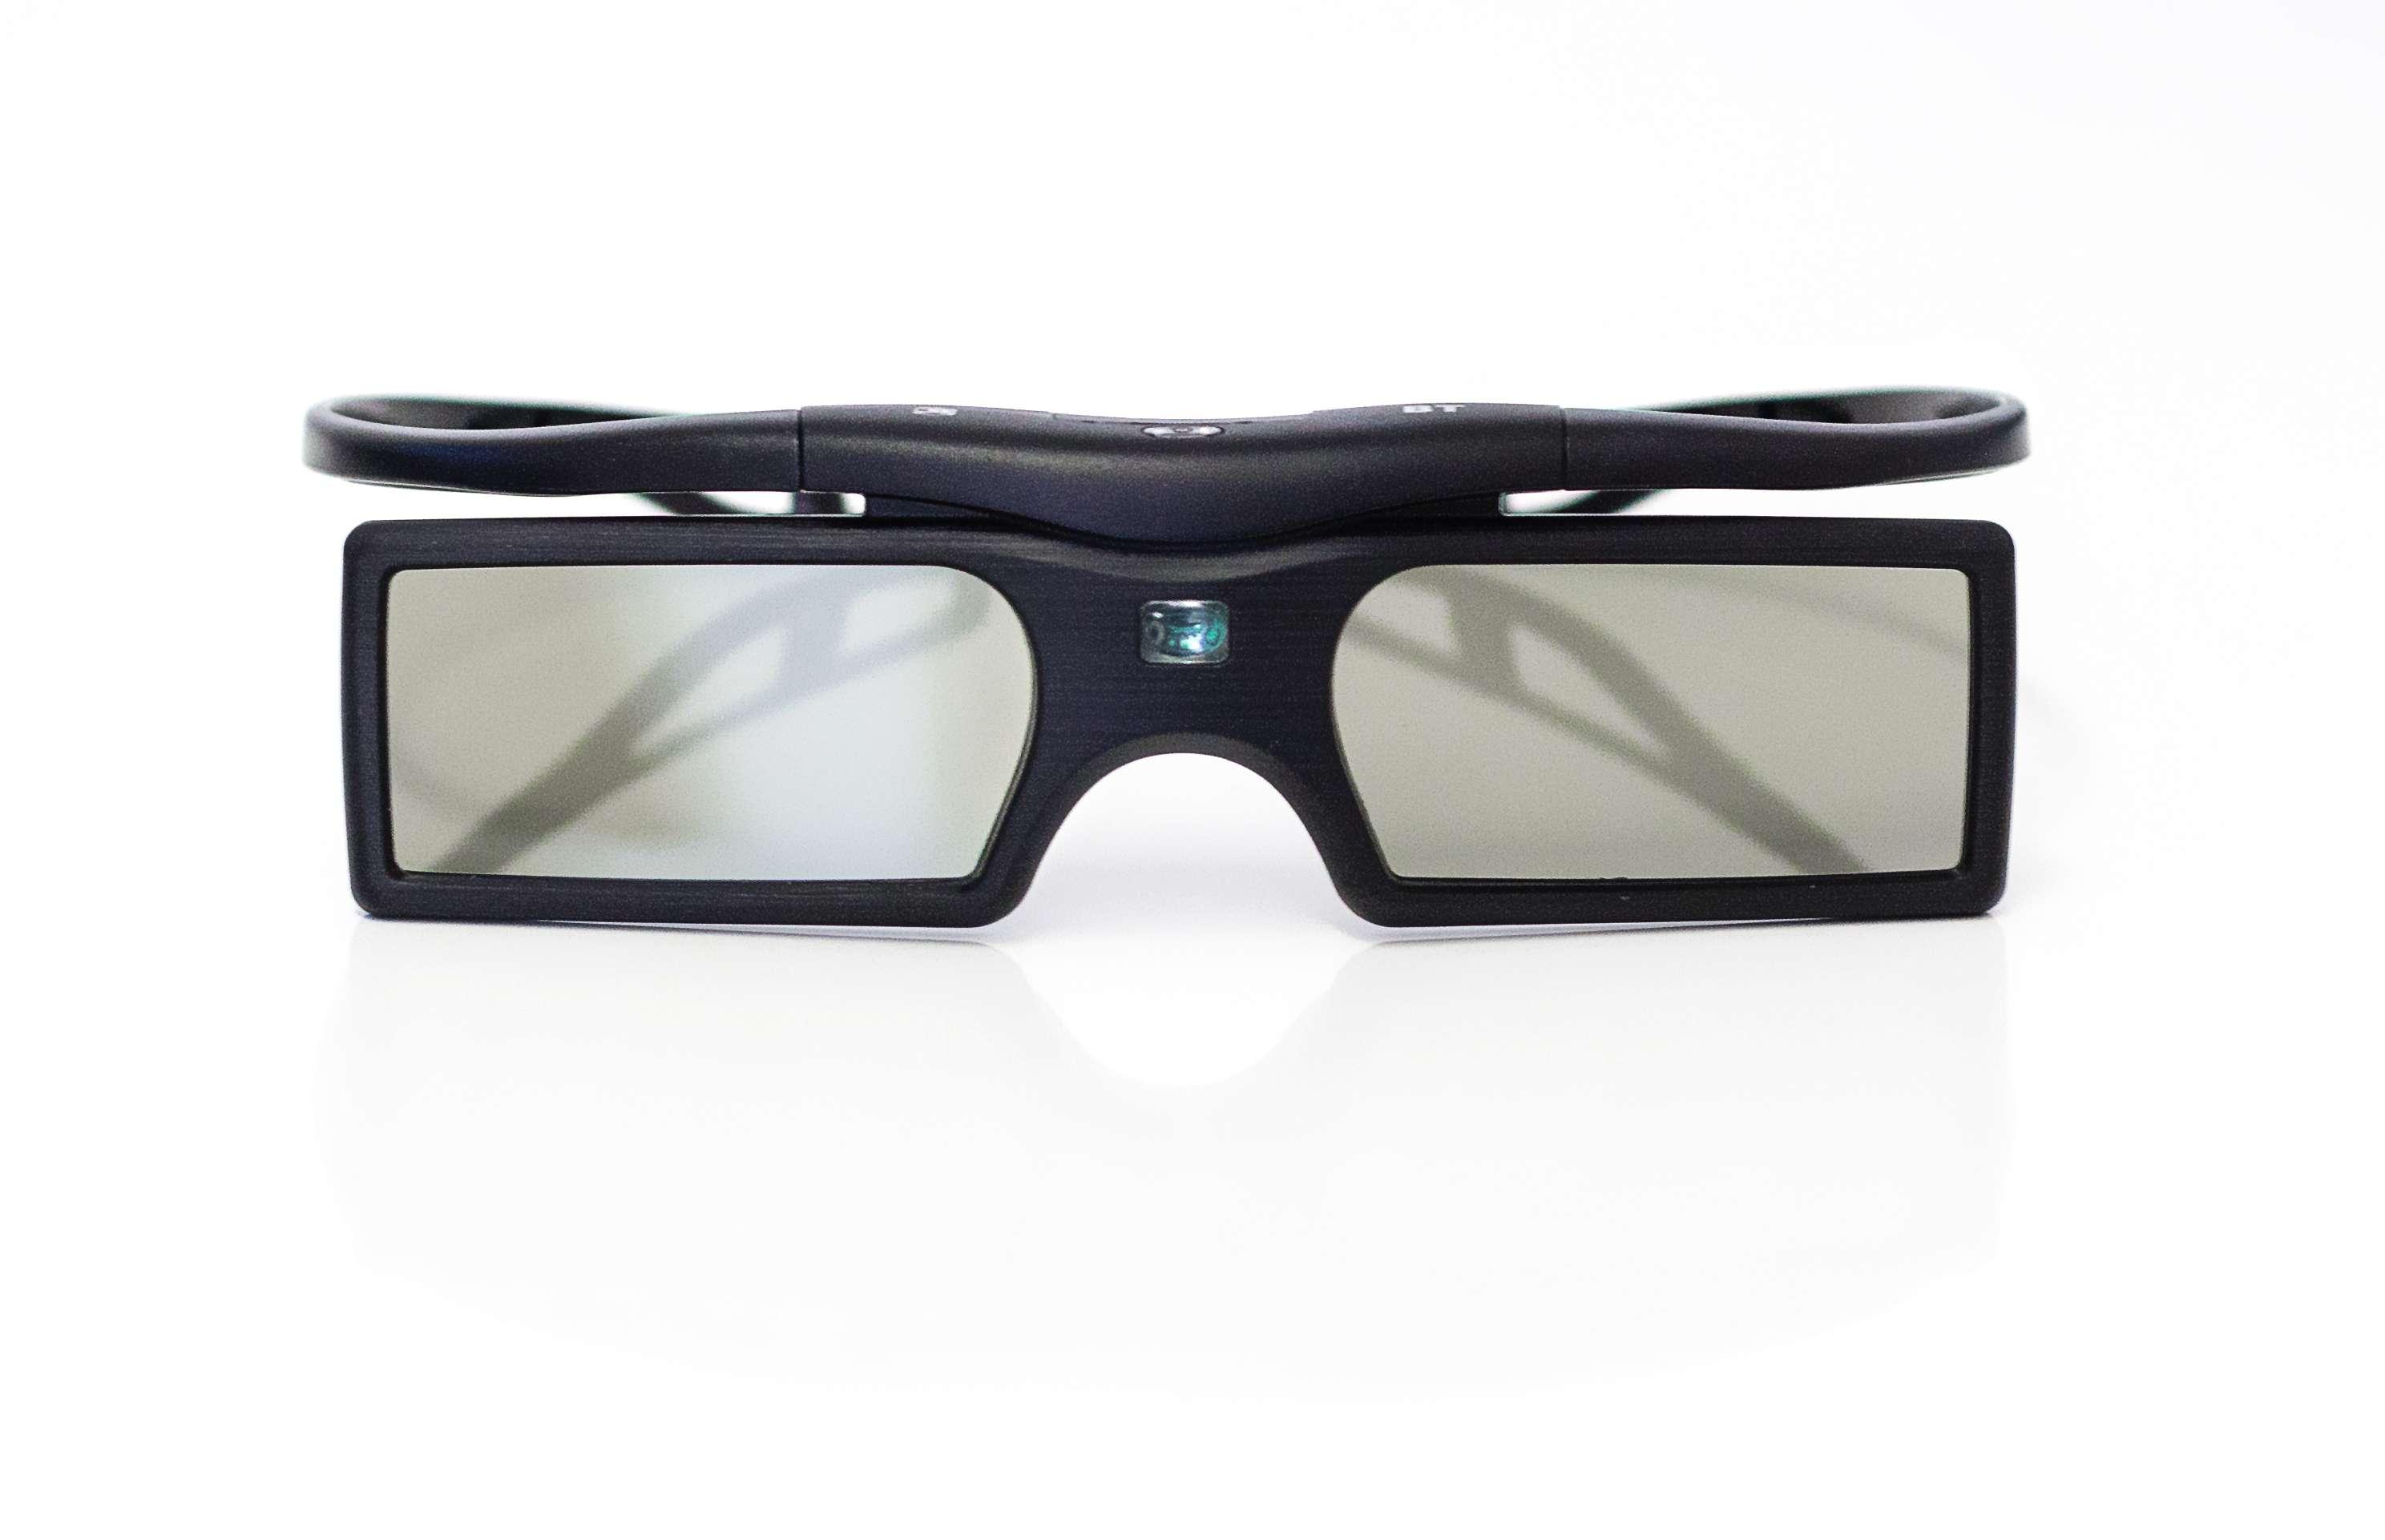 3d Brille Ohne Batterie : 3d active shutter 3d brille batterie in schwarz f r bluetooth 3d fernseher neu ebay ~ Frokenaadalensverden.com Haus und Dekorationen